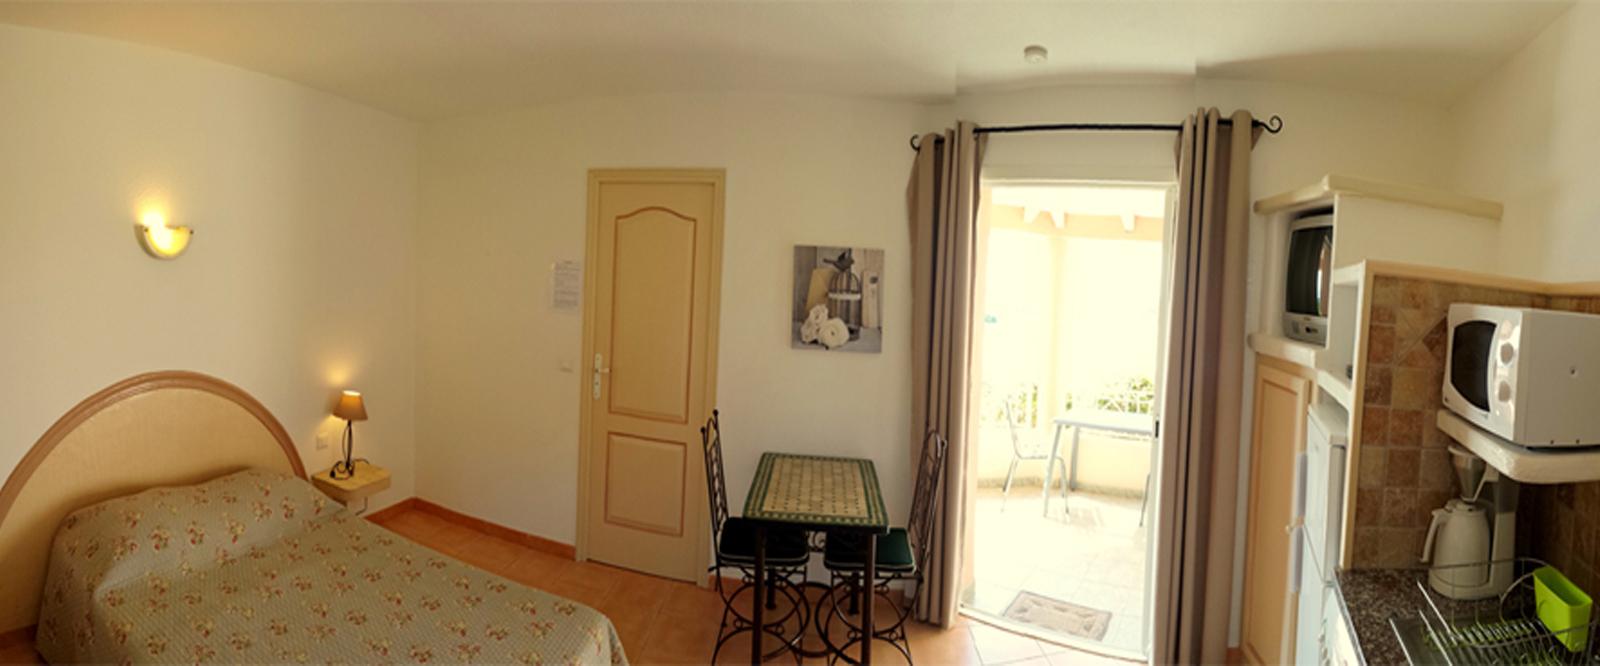 Location de Studio à Pinarello